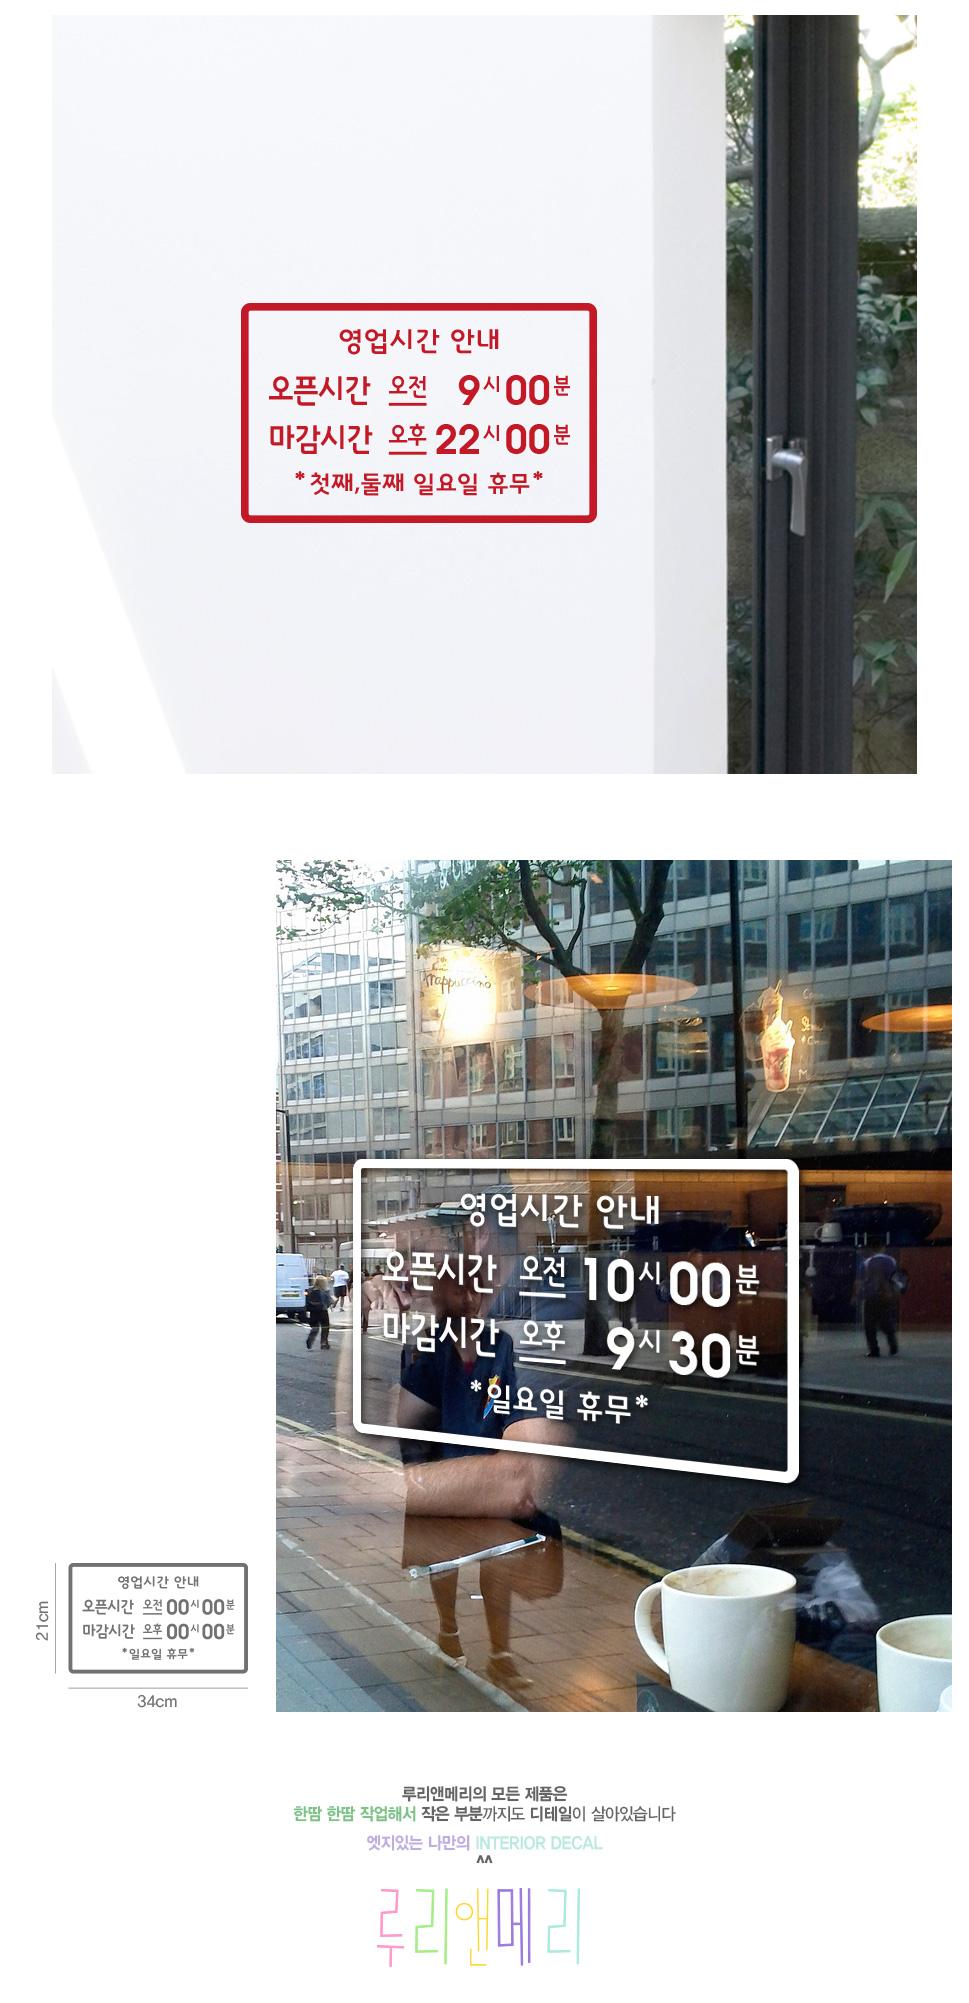 오픈클로즈 18 한글로 열고닫고_영업시간 스티커 - 루리앤메리, 6,400원, 월데코스티커, 레터링/메시지